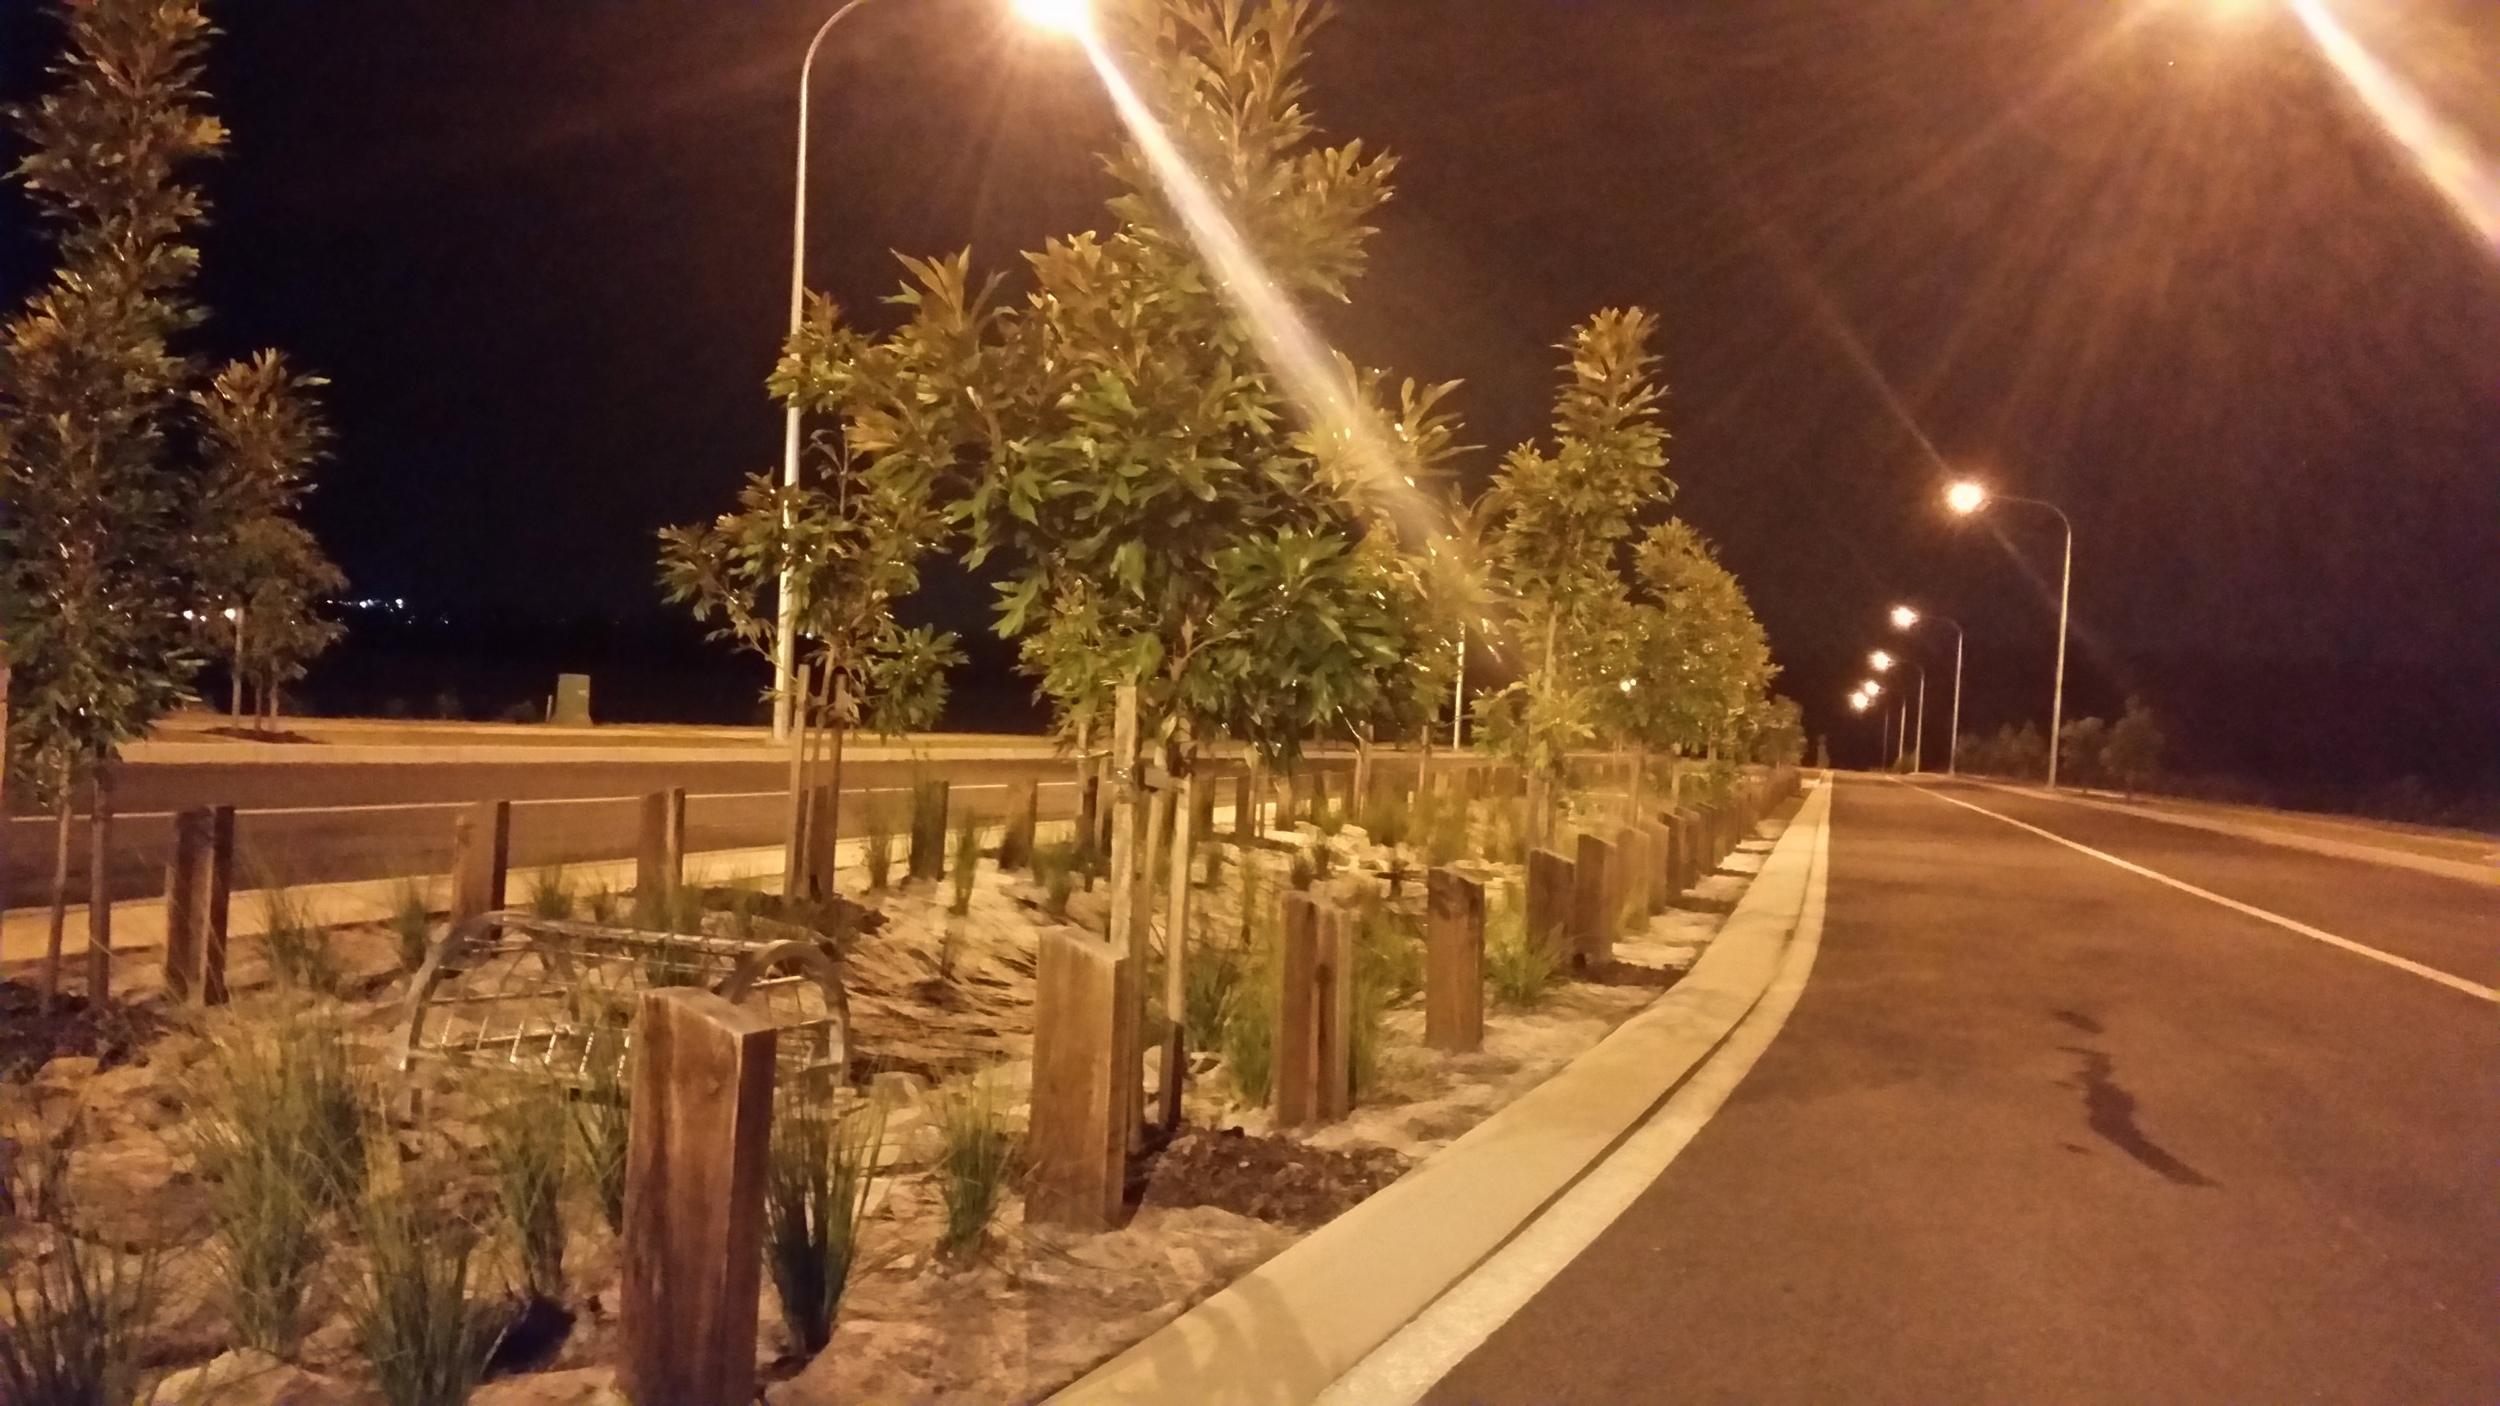 Stapylton Rd Bioretention System